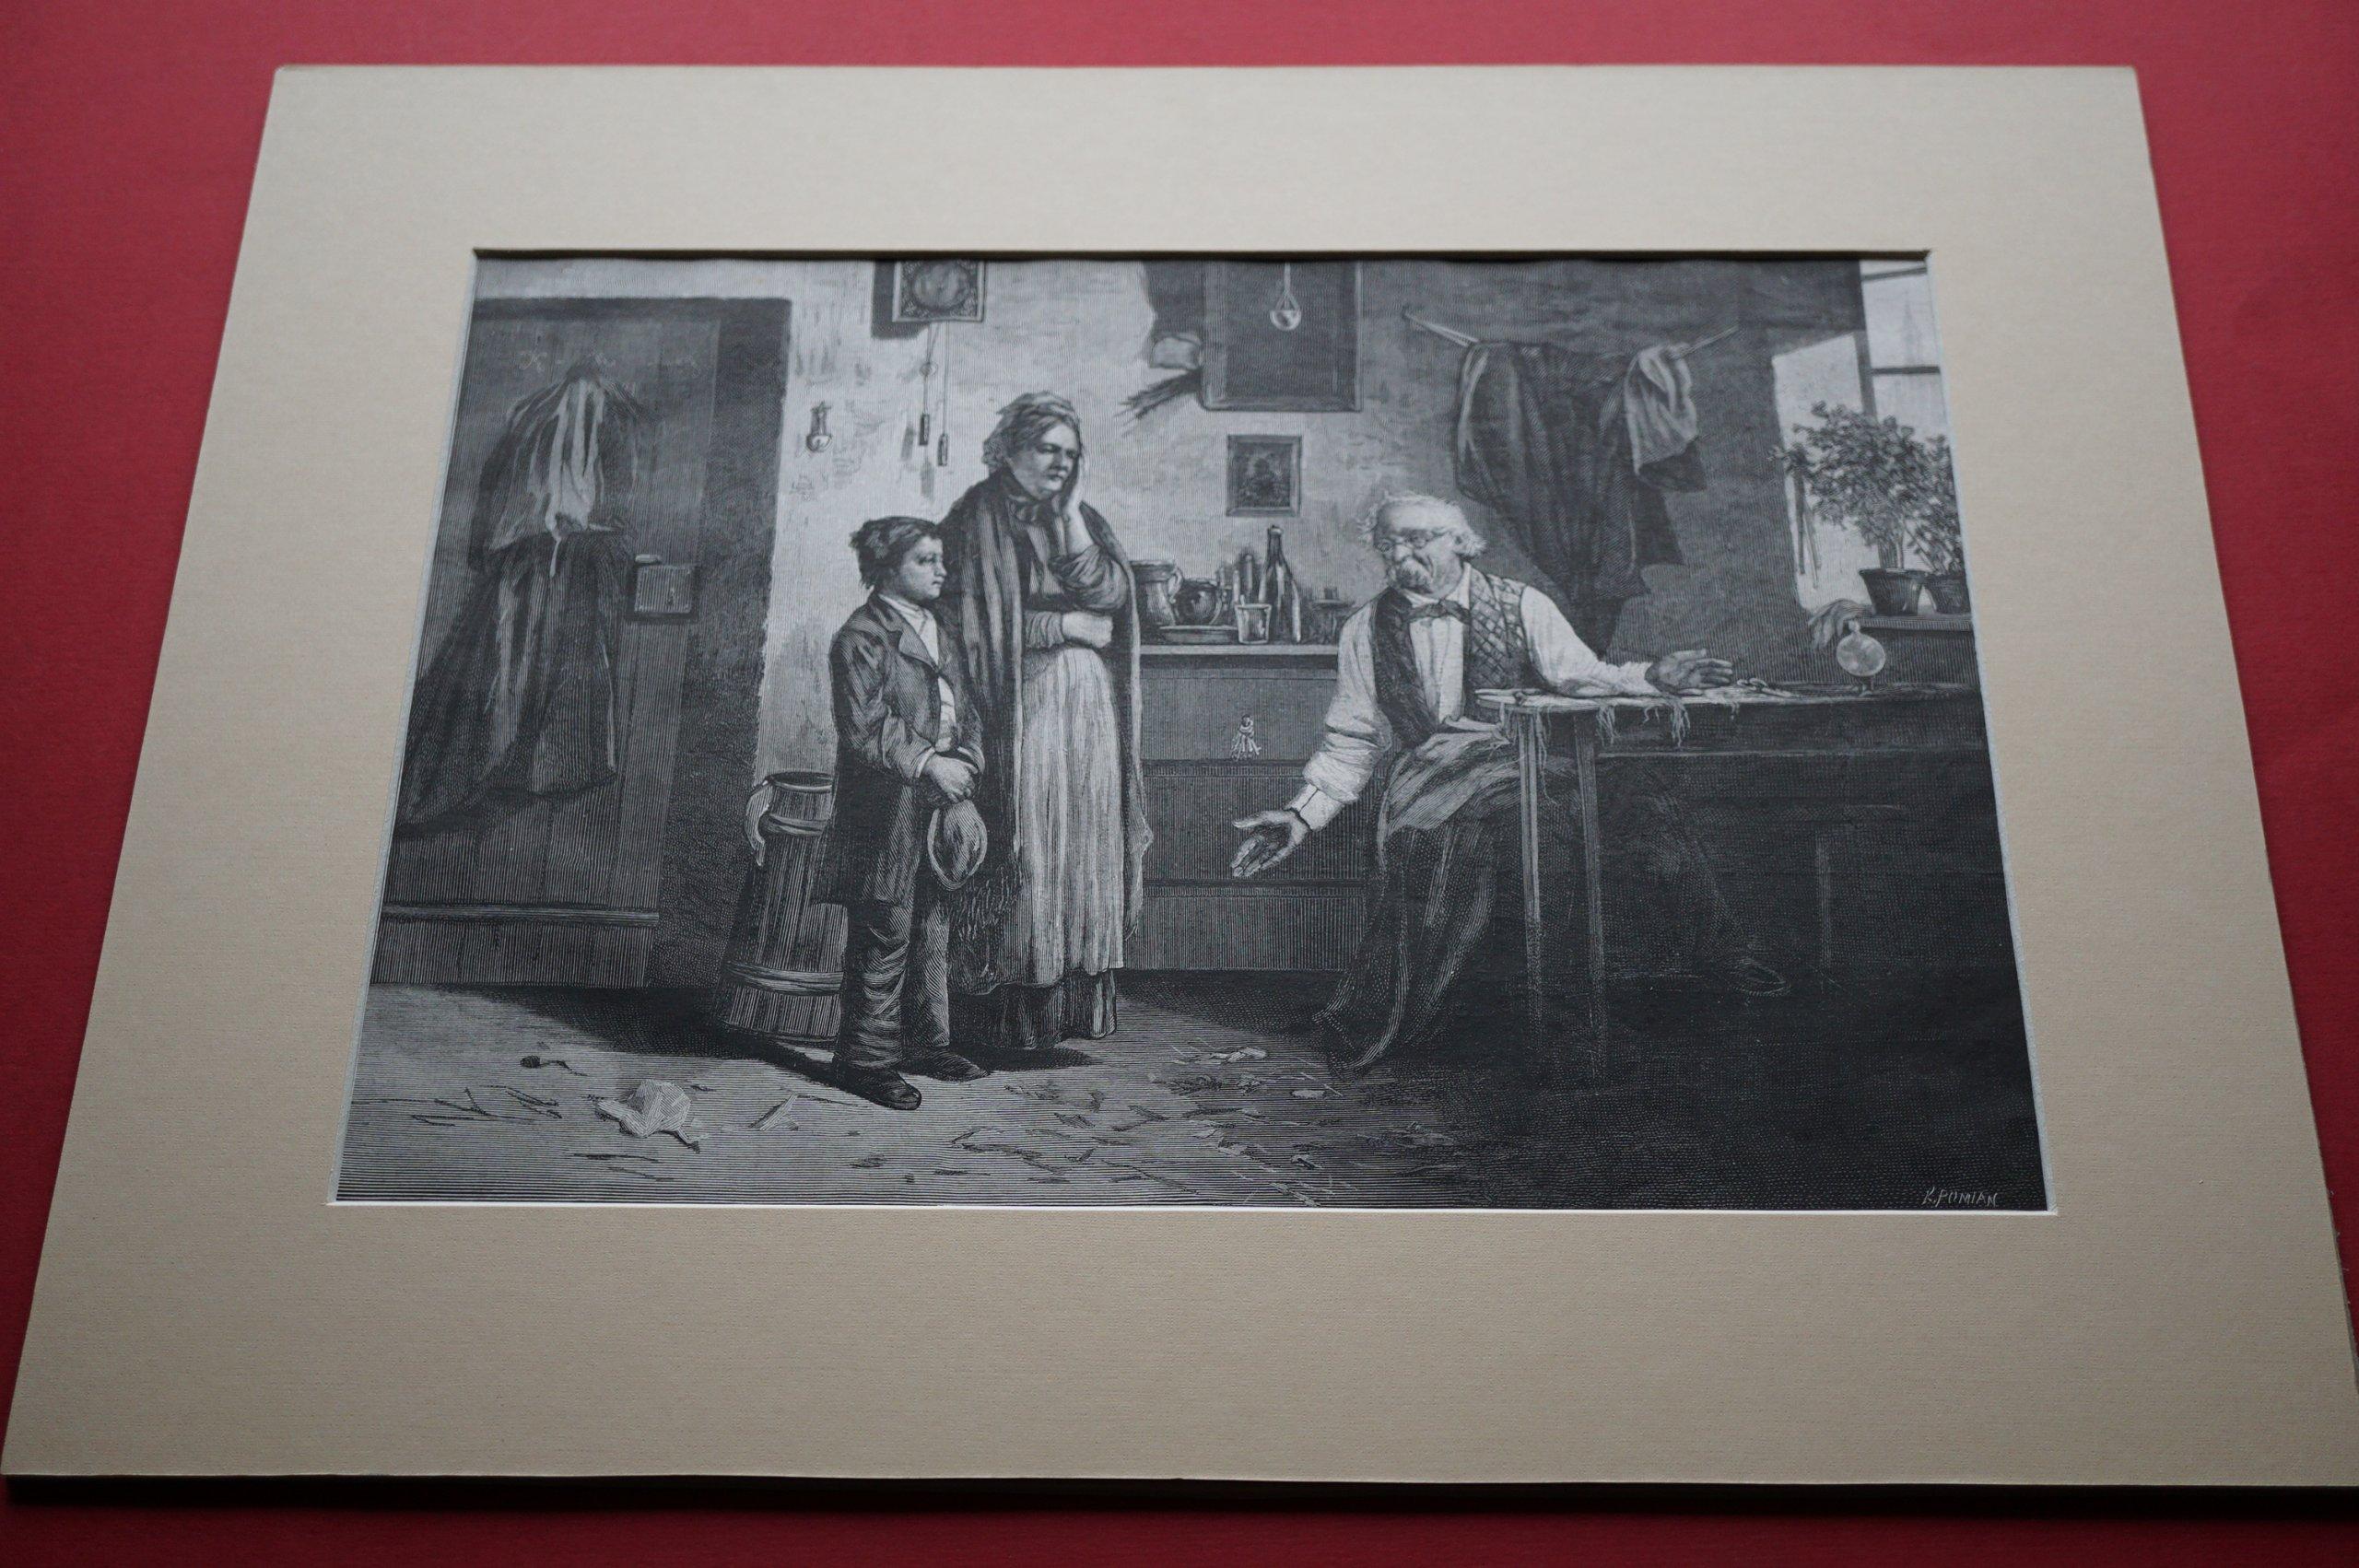 KONIUSZKO W.: Do terminu. Drzeworyt, 1882.